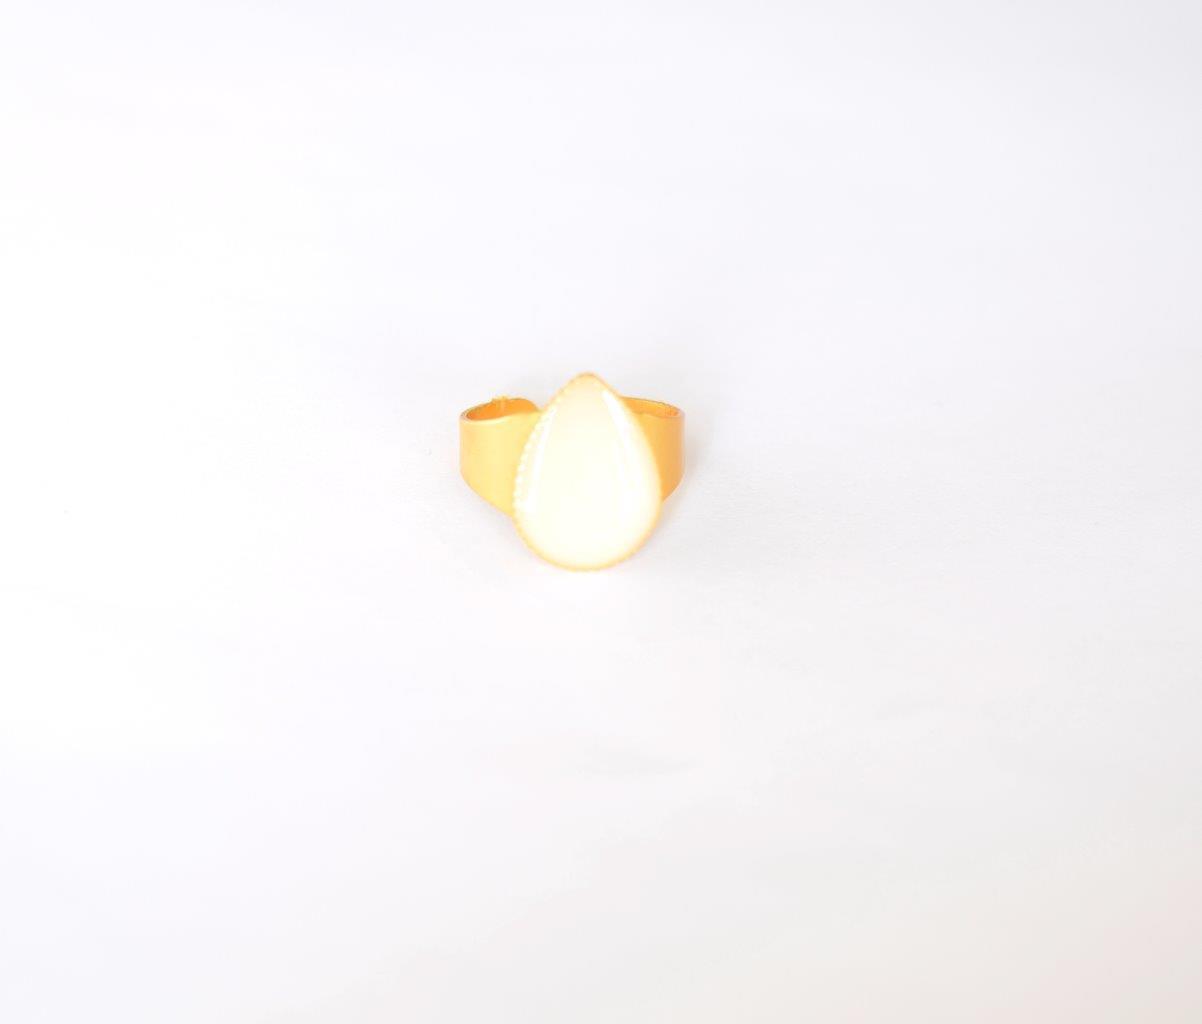 טבעת טיפה זהב - שביל החלב-תכשיטים למניקות